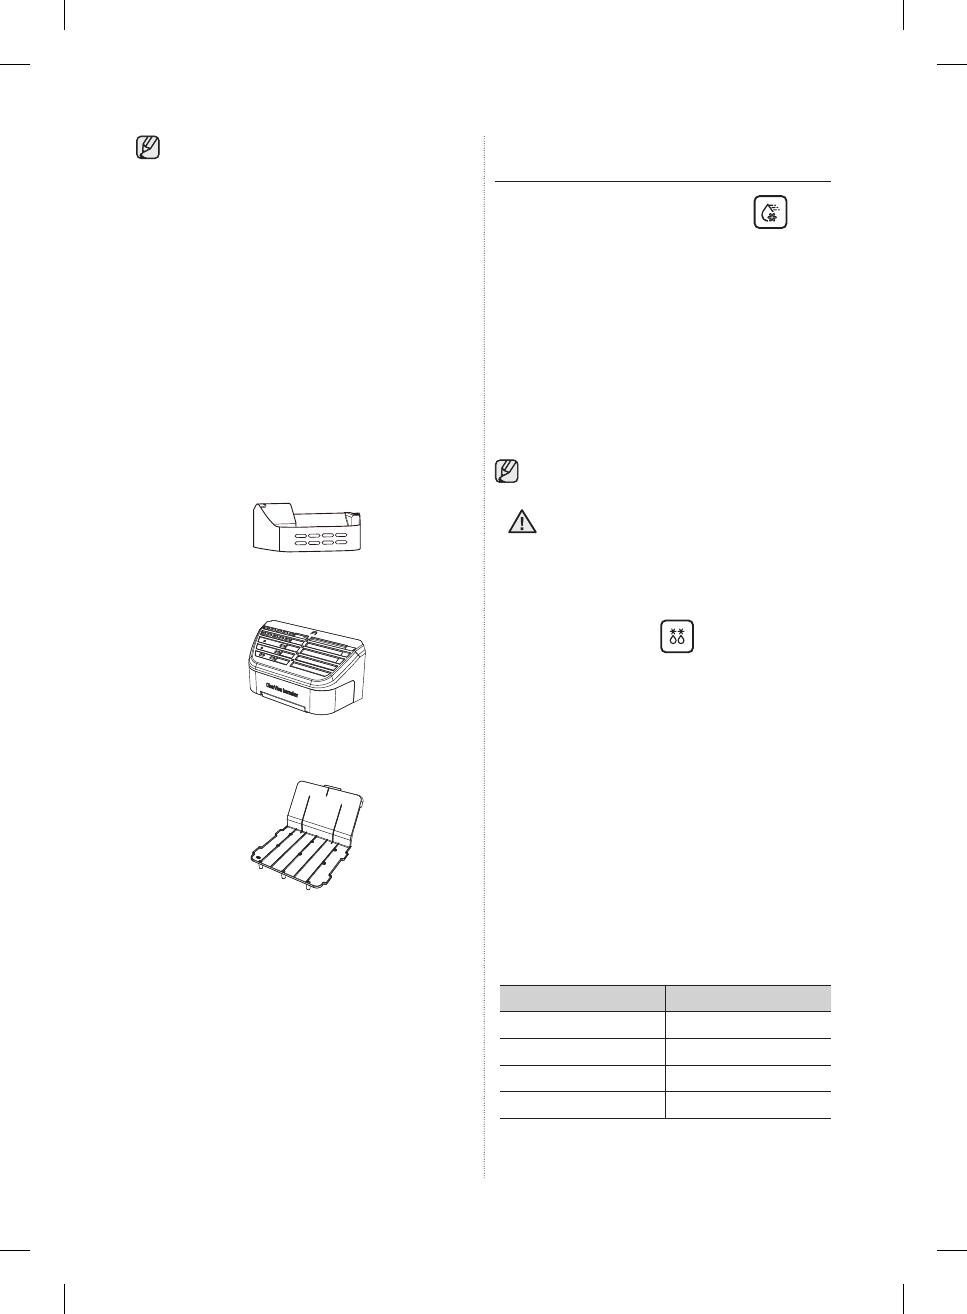 Bedienungsanleitung Samsung RS7528 (Seite 30 von 36) (Deutsch)